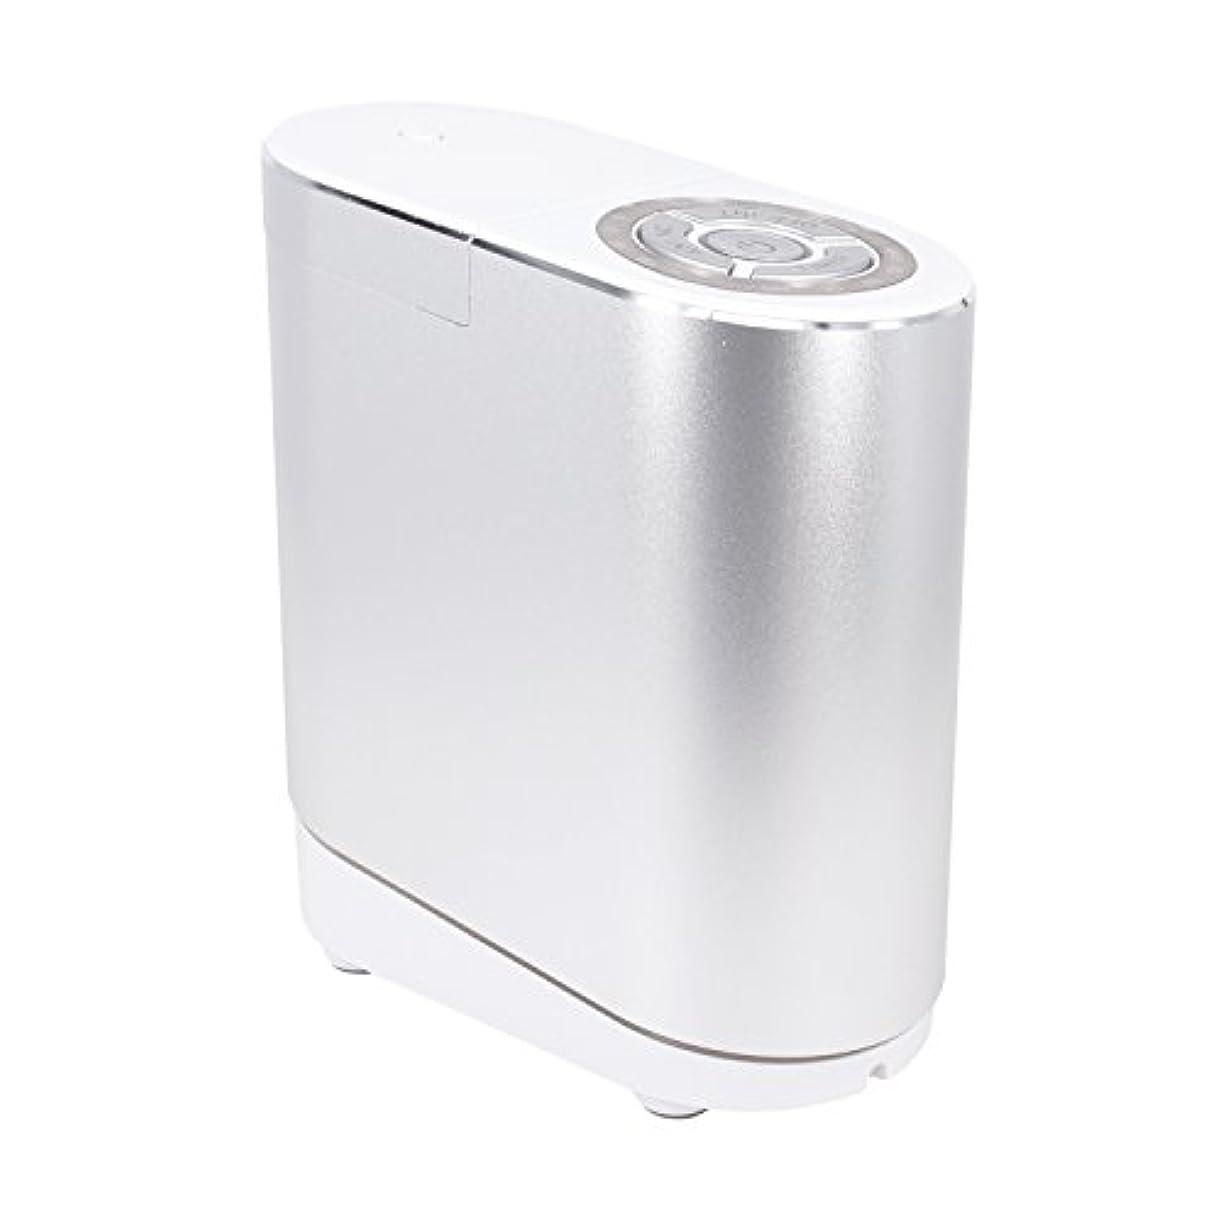 夜明けにペフ伝えるLNSTUDIO アロマディフューザー ネブライザー式 2個30ML専用精油瓶付き アロマ芳香器 タイマー機能付 ミスト量調整可